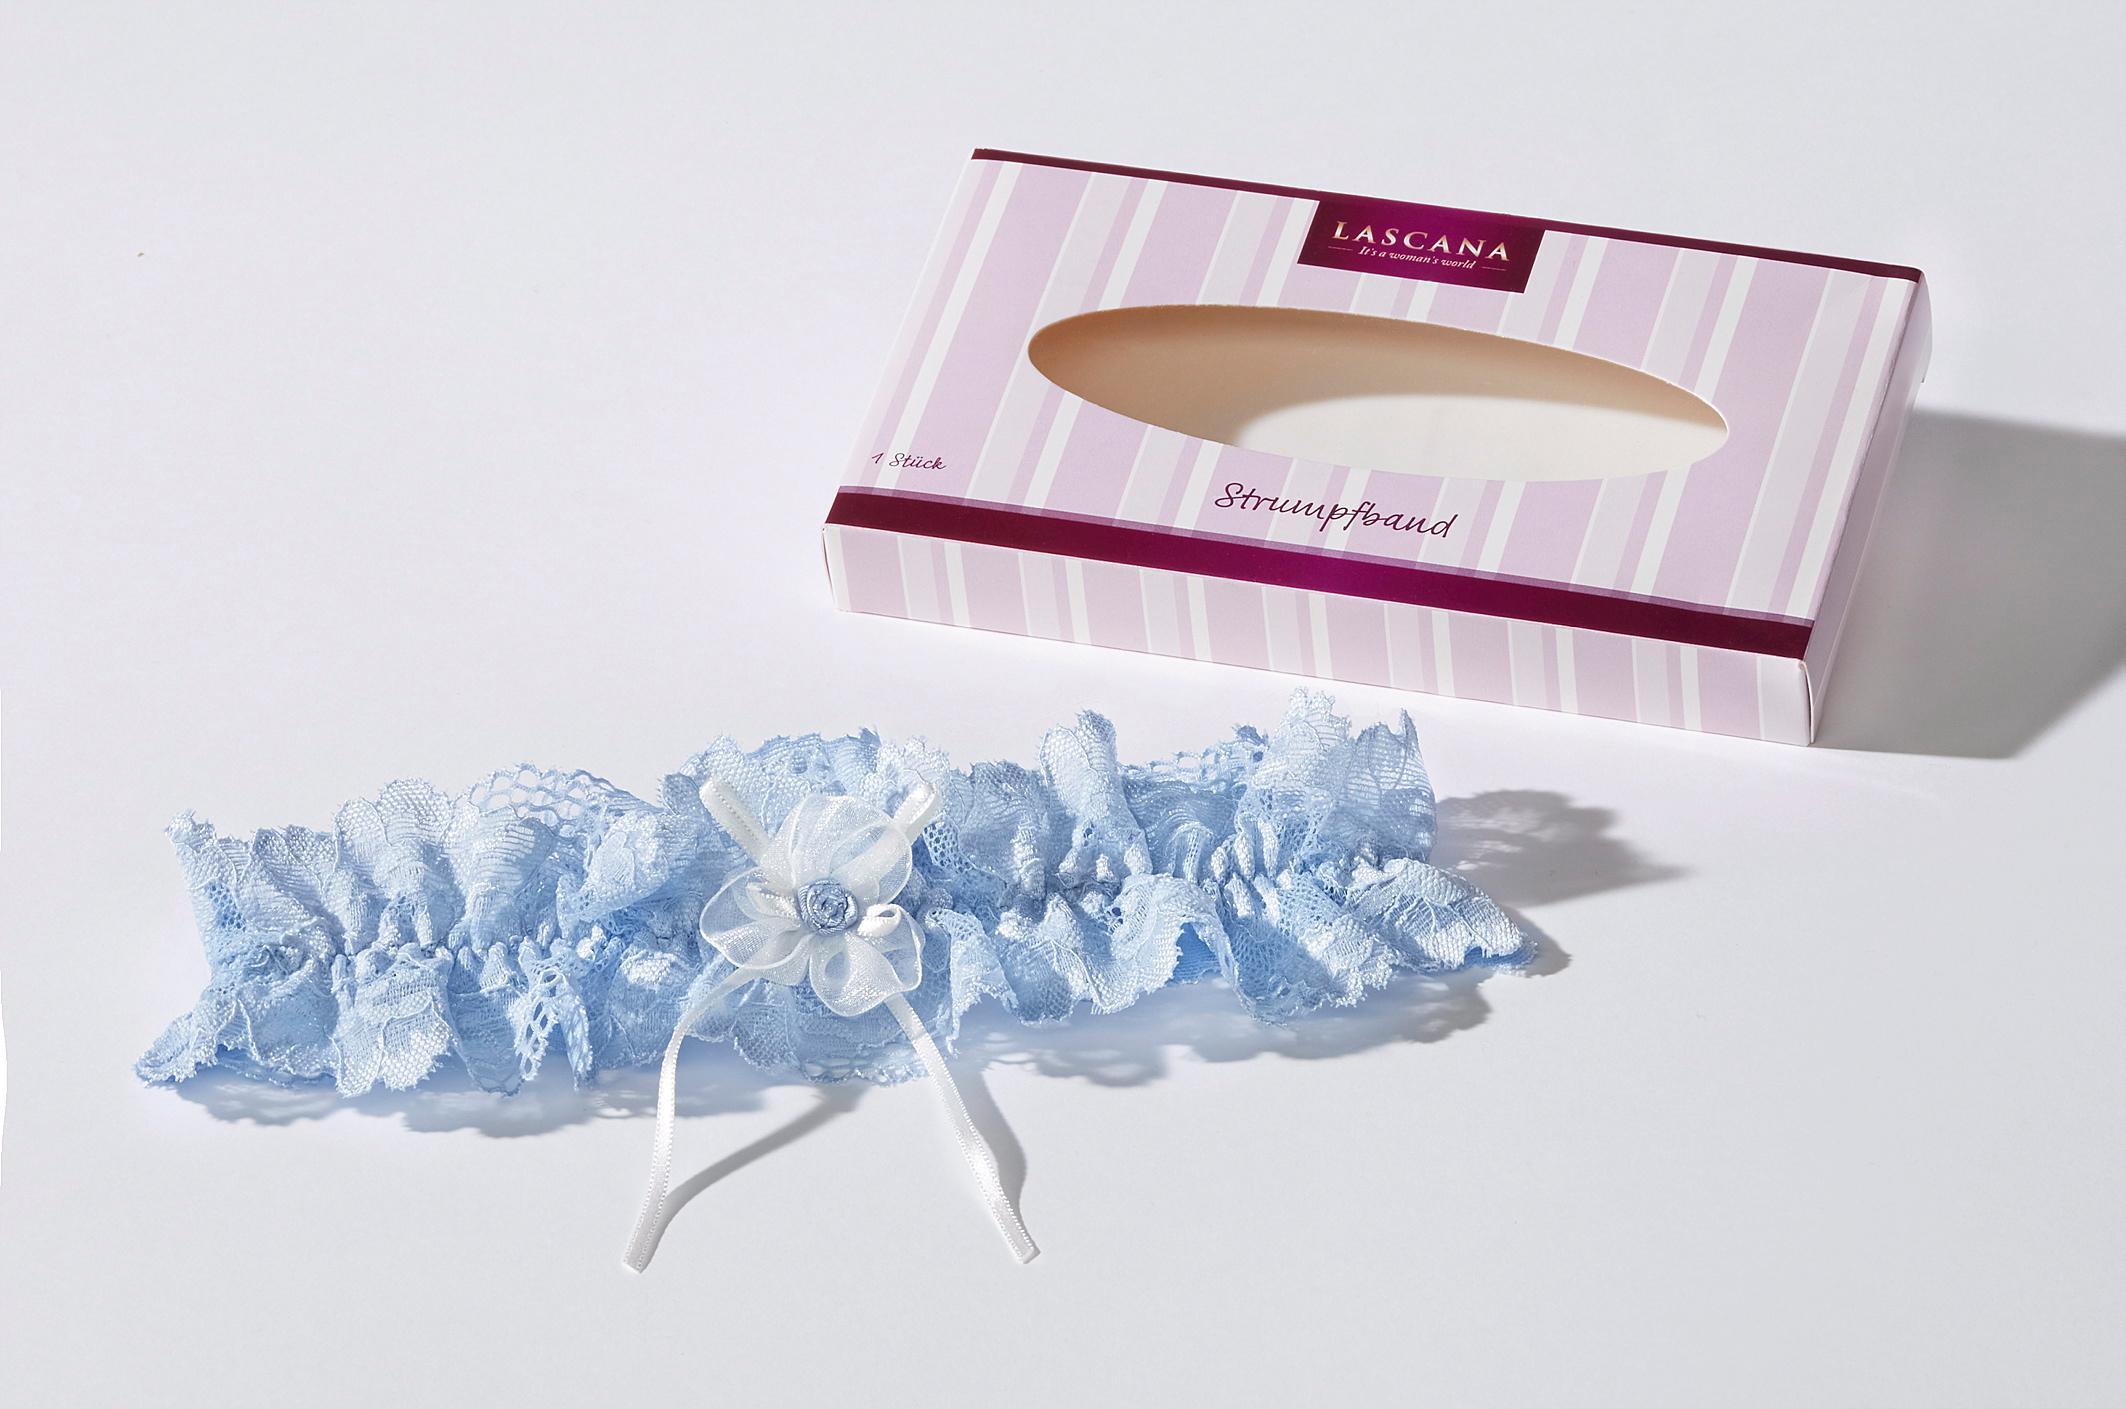 LASCANA Strumpfband in edler Spitze, das perfekte Accessoire für deine Hochzeit